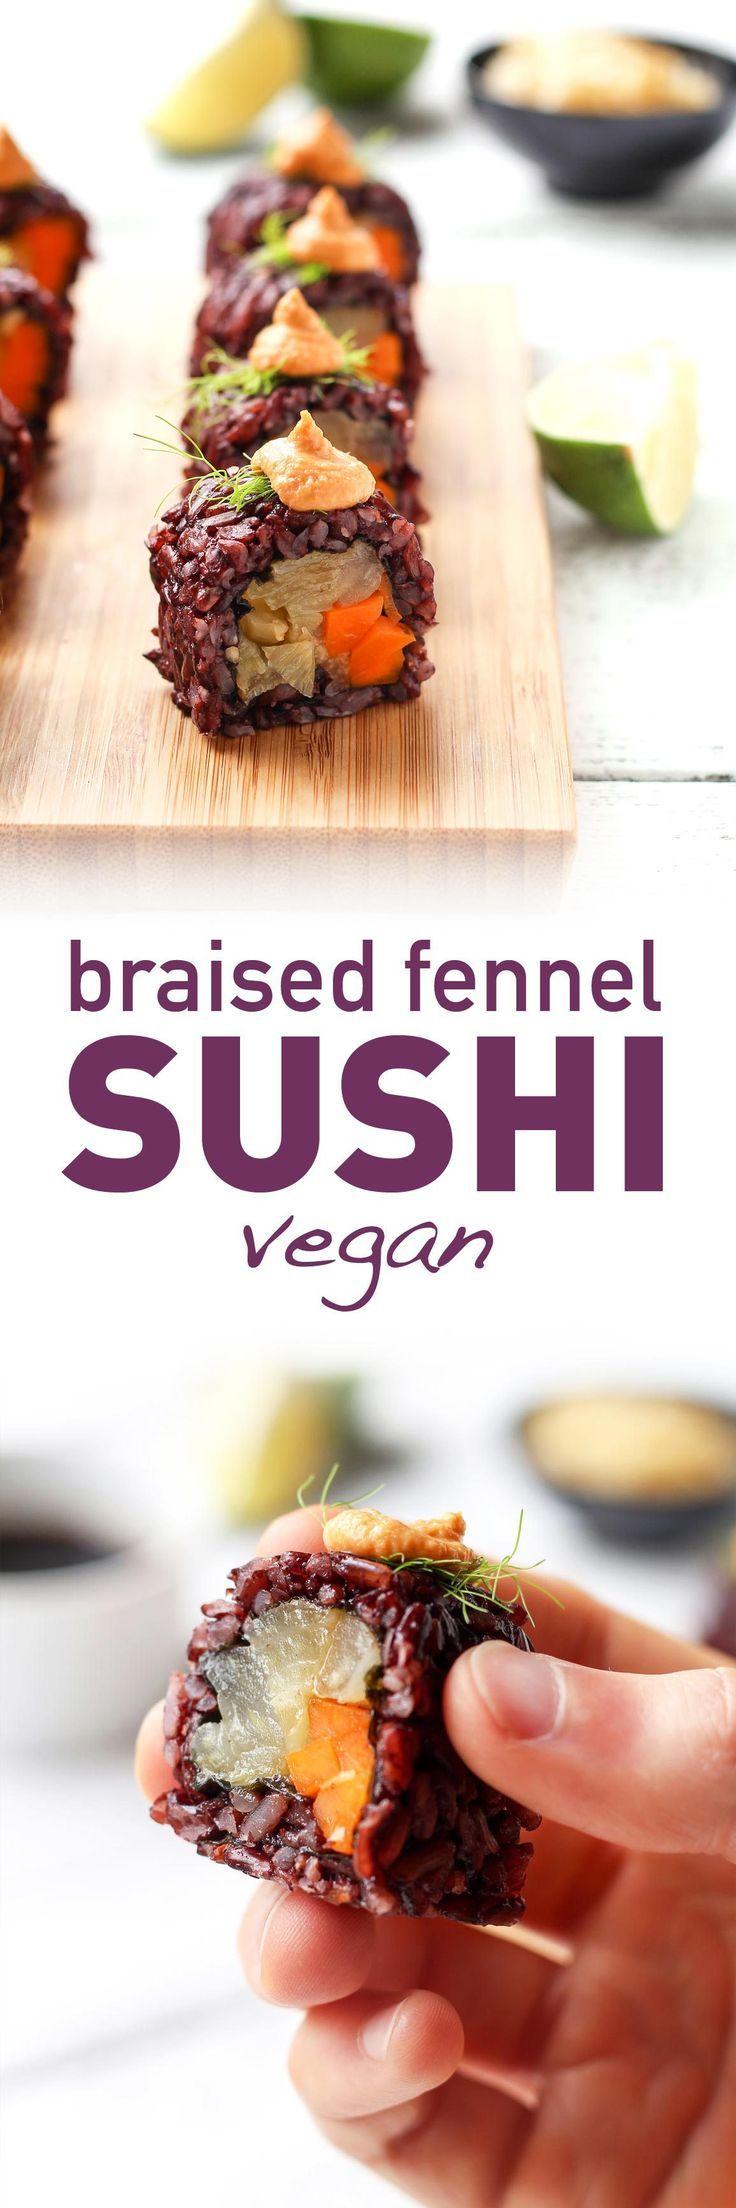 Vegan Braised Fennel Sushi Recipe